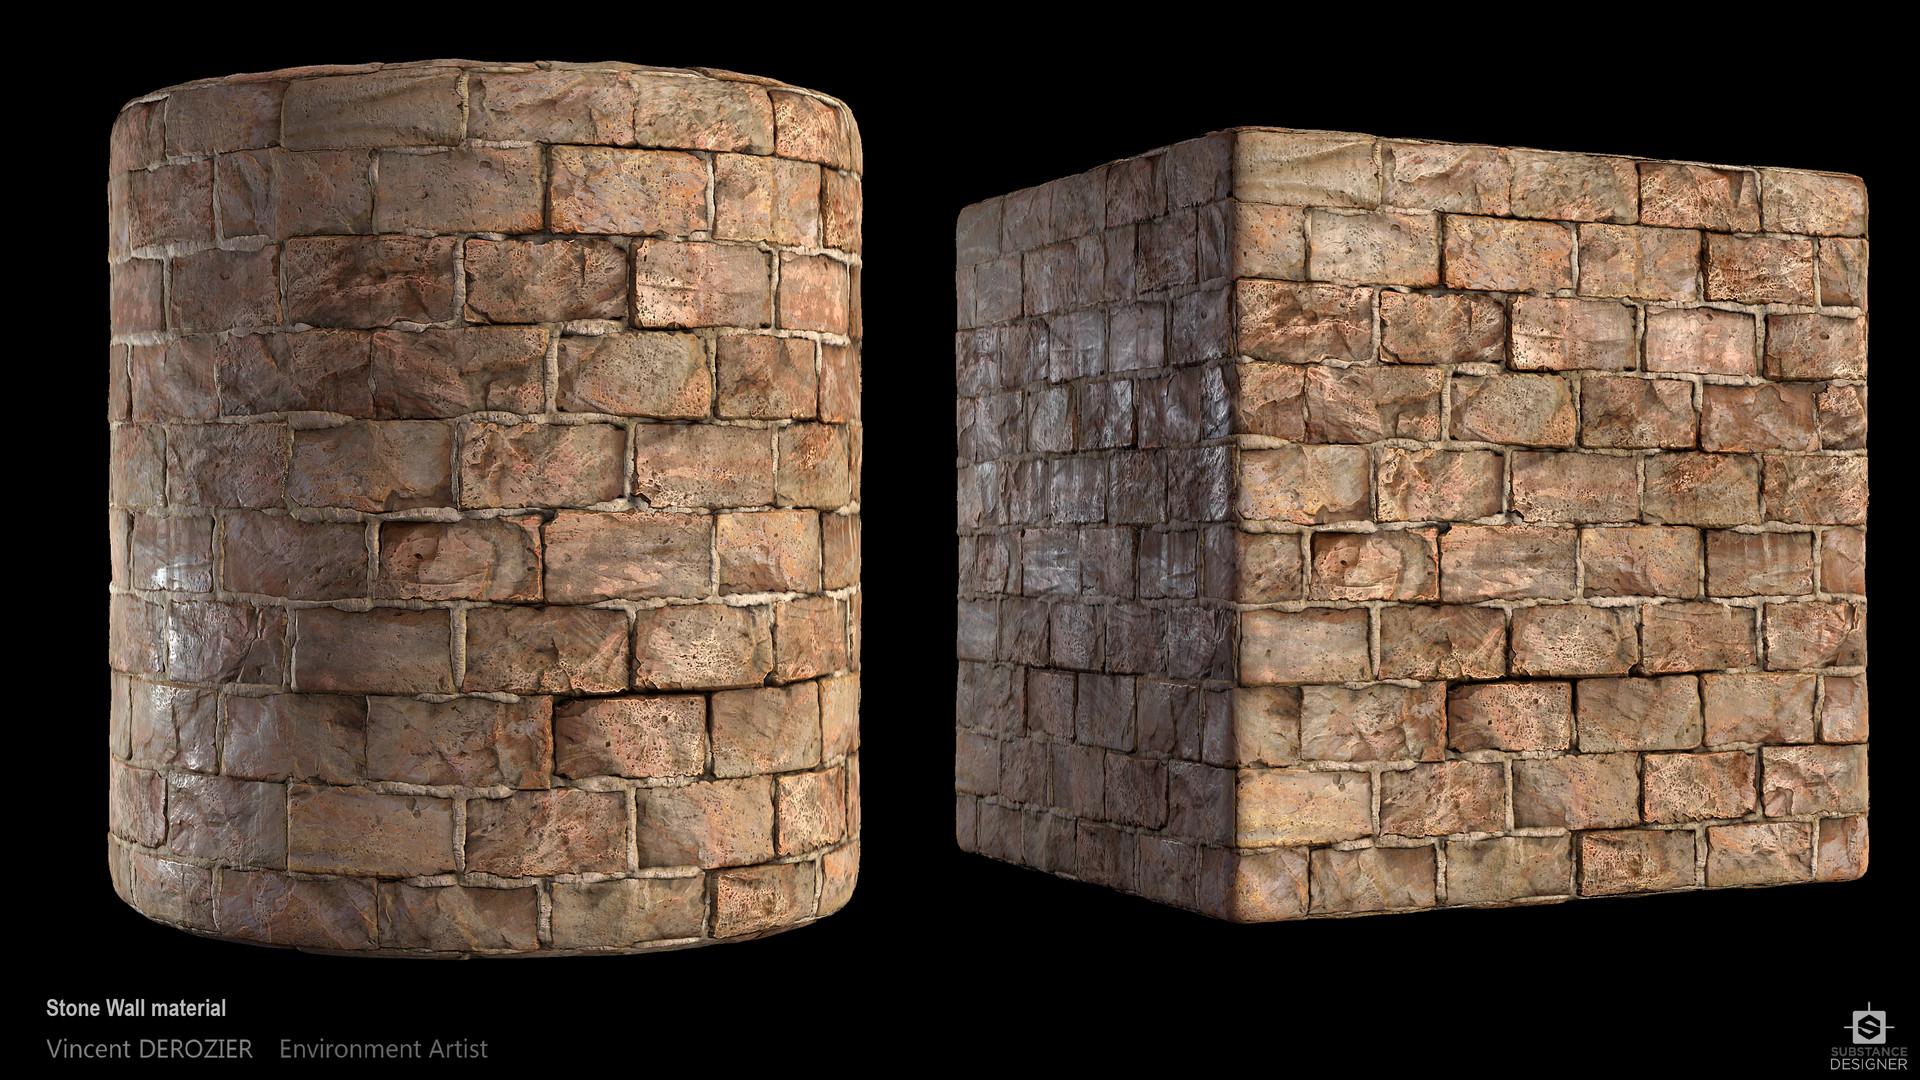 Vincent derozier stonewall 2